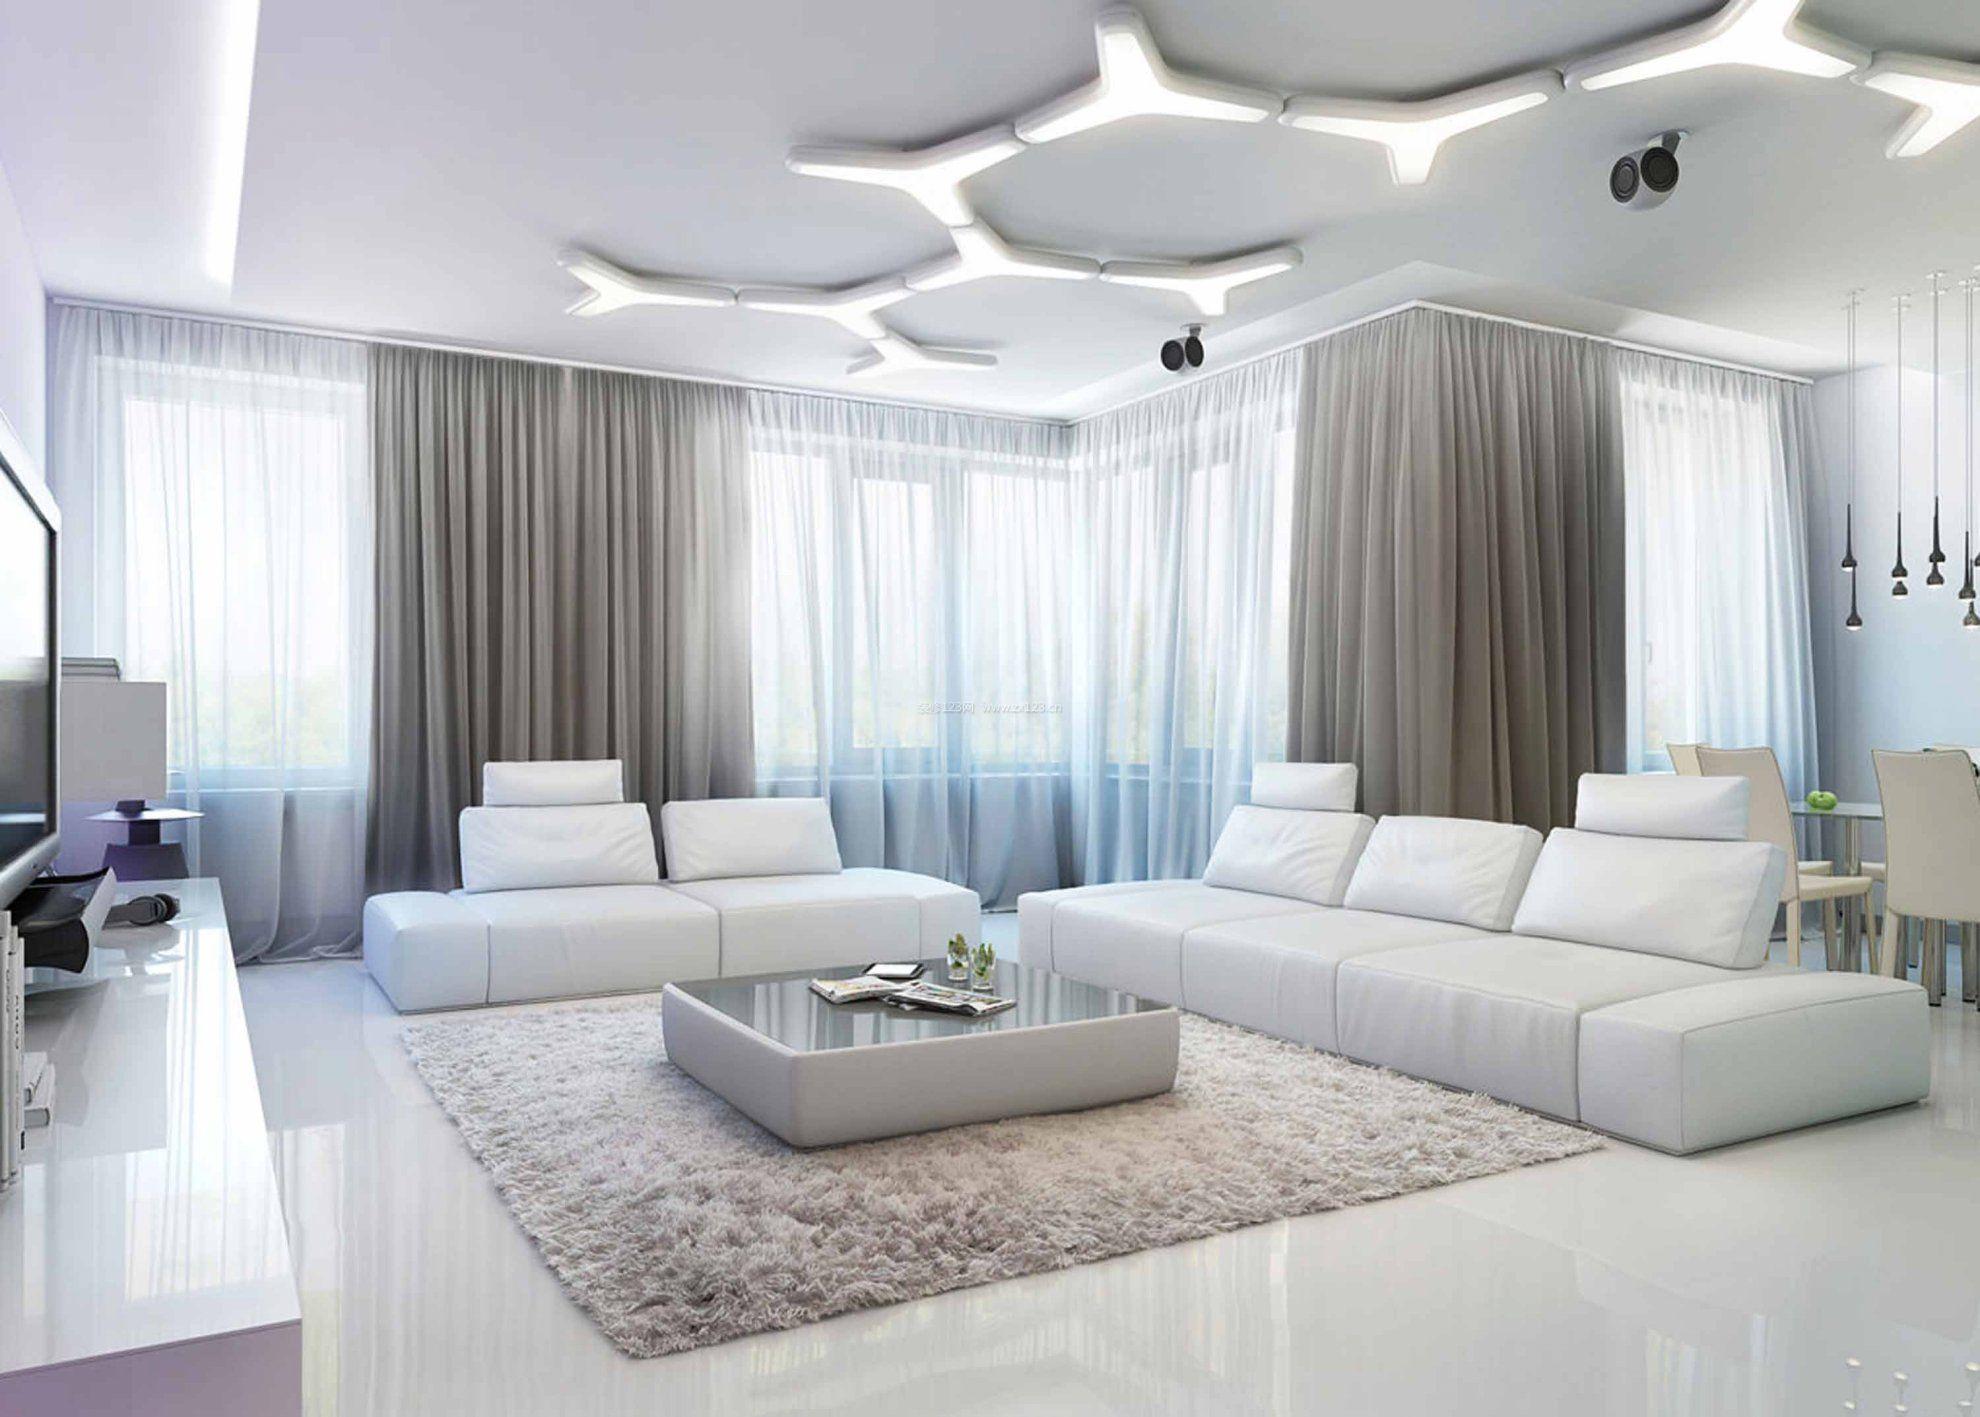 简约风格房屋客厅吊顶效果图大全_装修123效果图